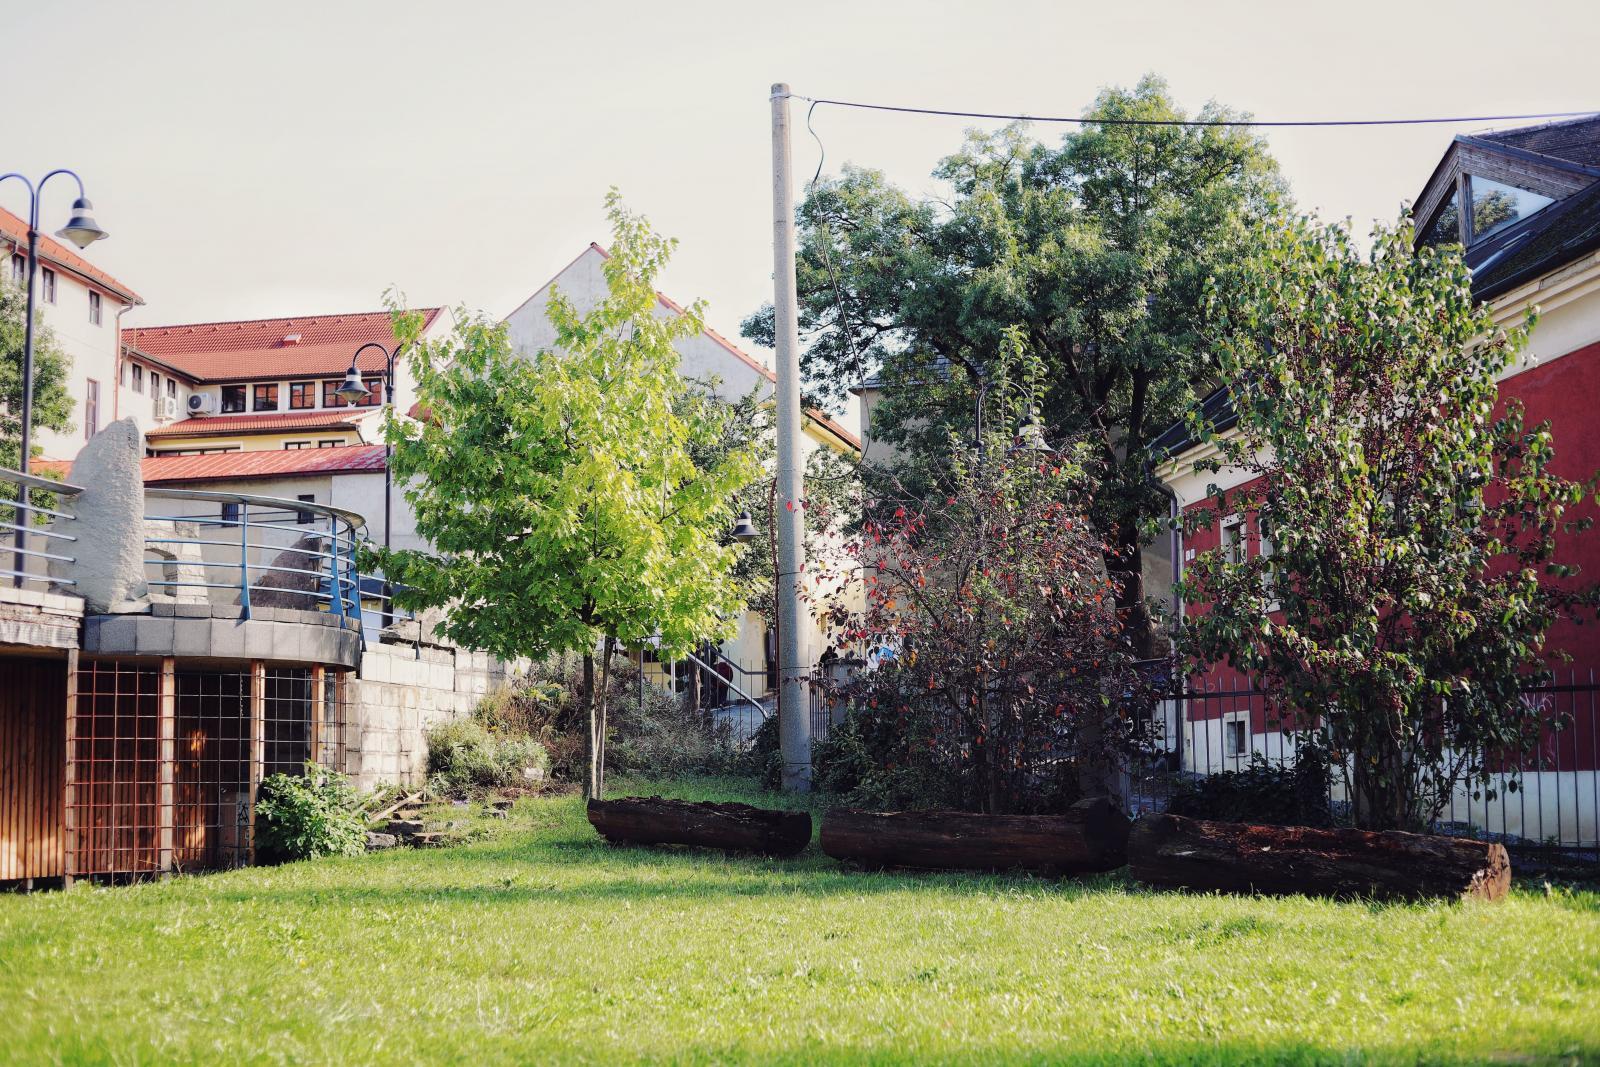 a city oasis for Presov